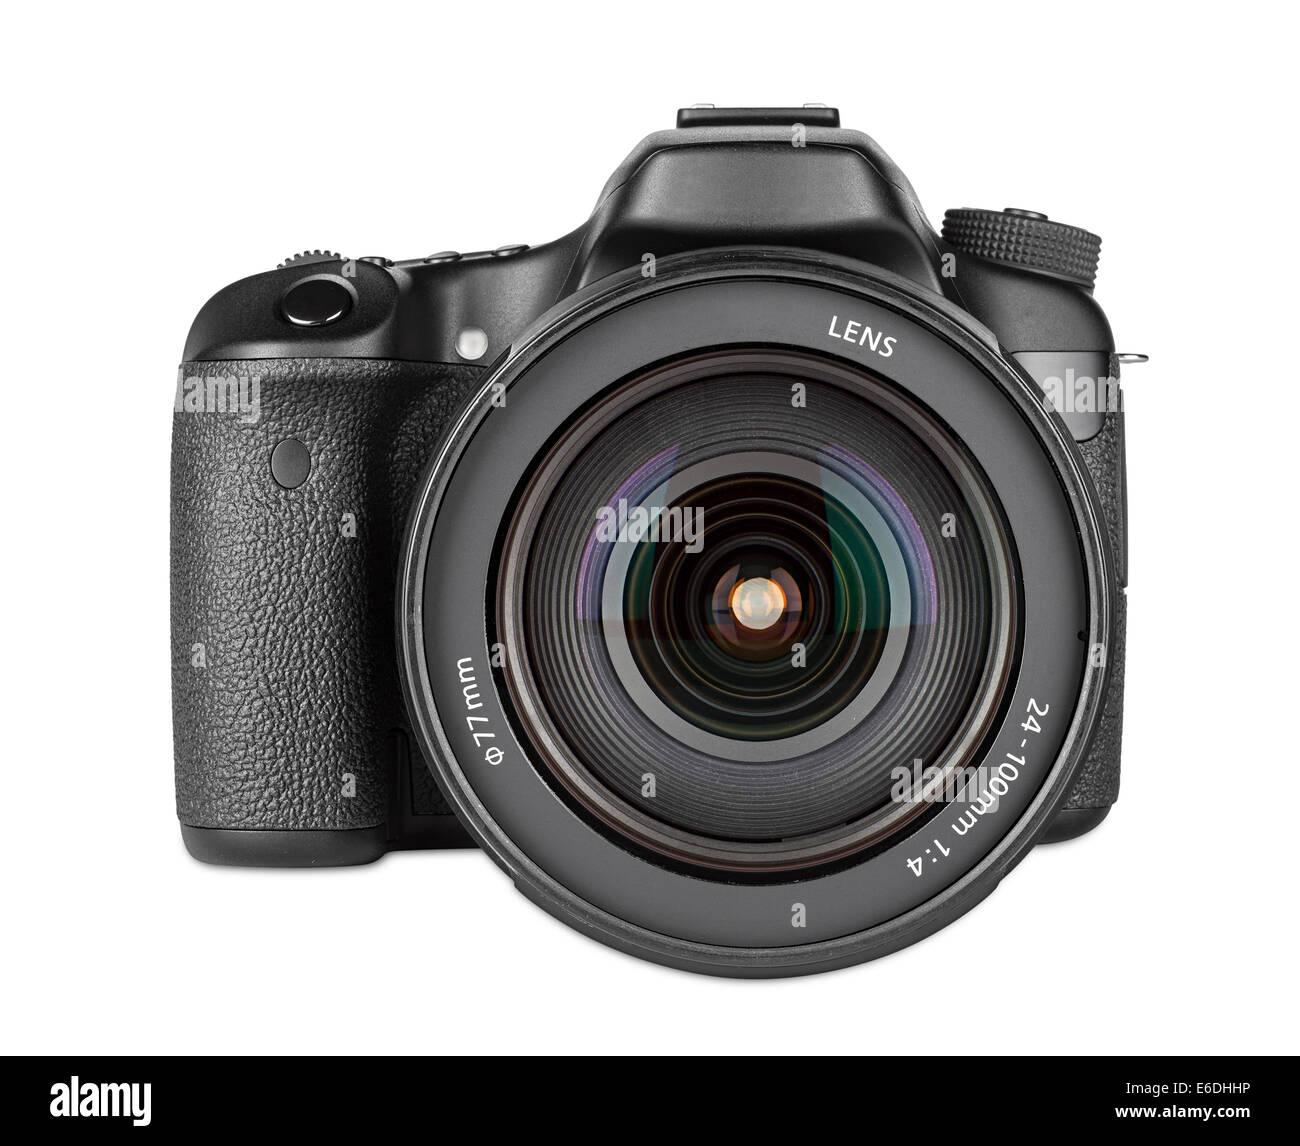 Fotocamera reflex digitale con obiettivo zoom montato Immagini Stock